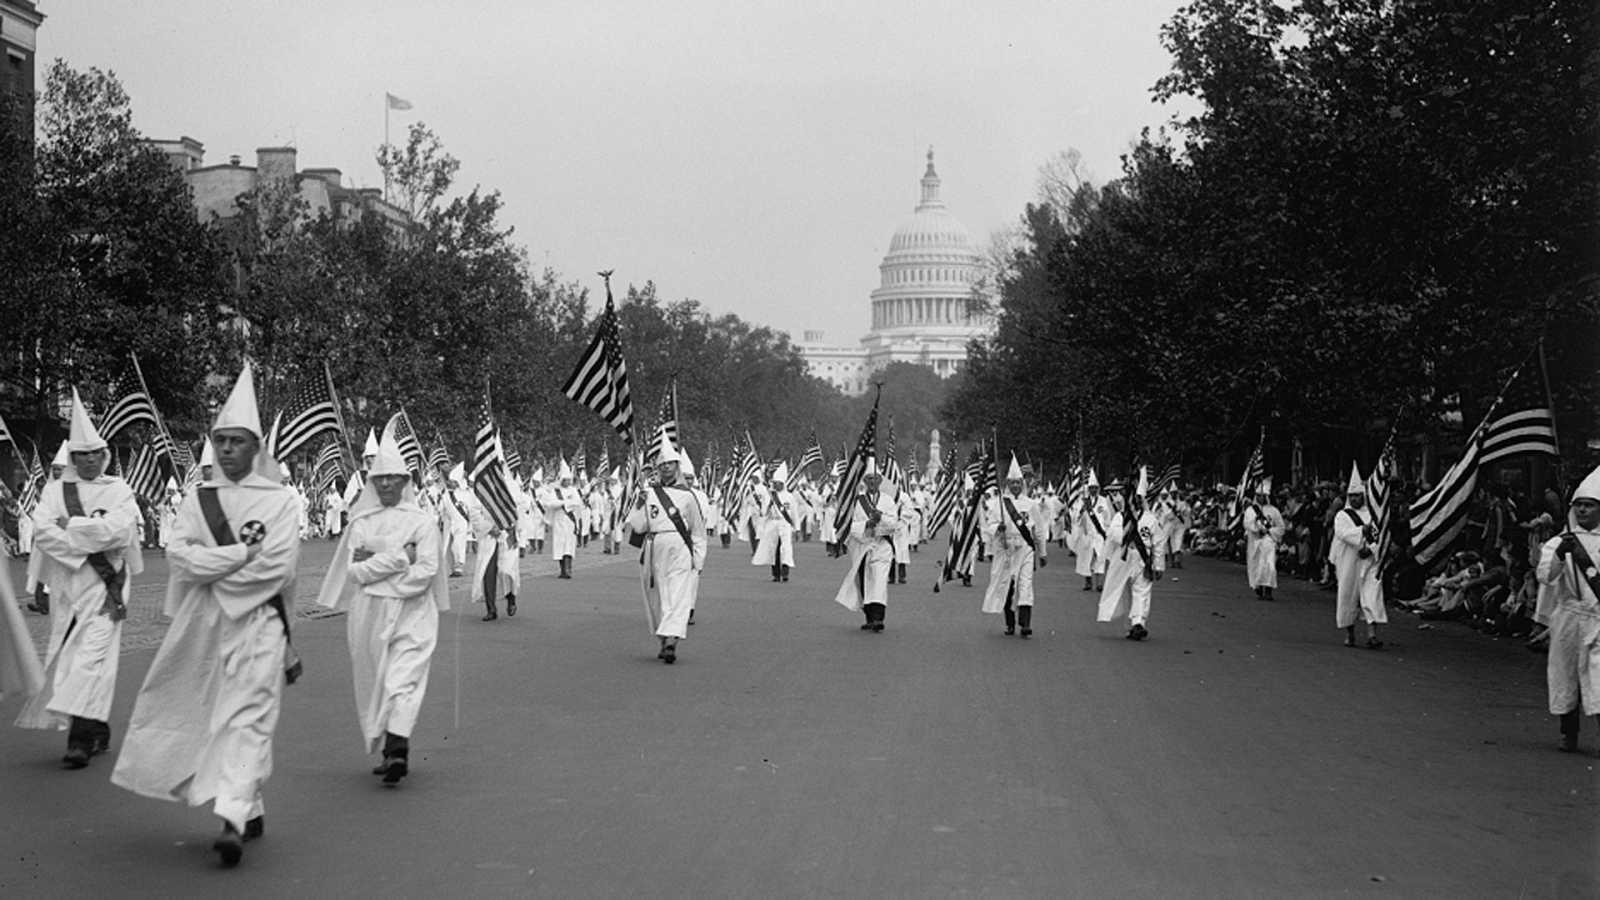 La noche temática - El Ku Klux Klan: Una historia americana. Segunda parte: El resurgir - ver ahora